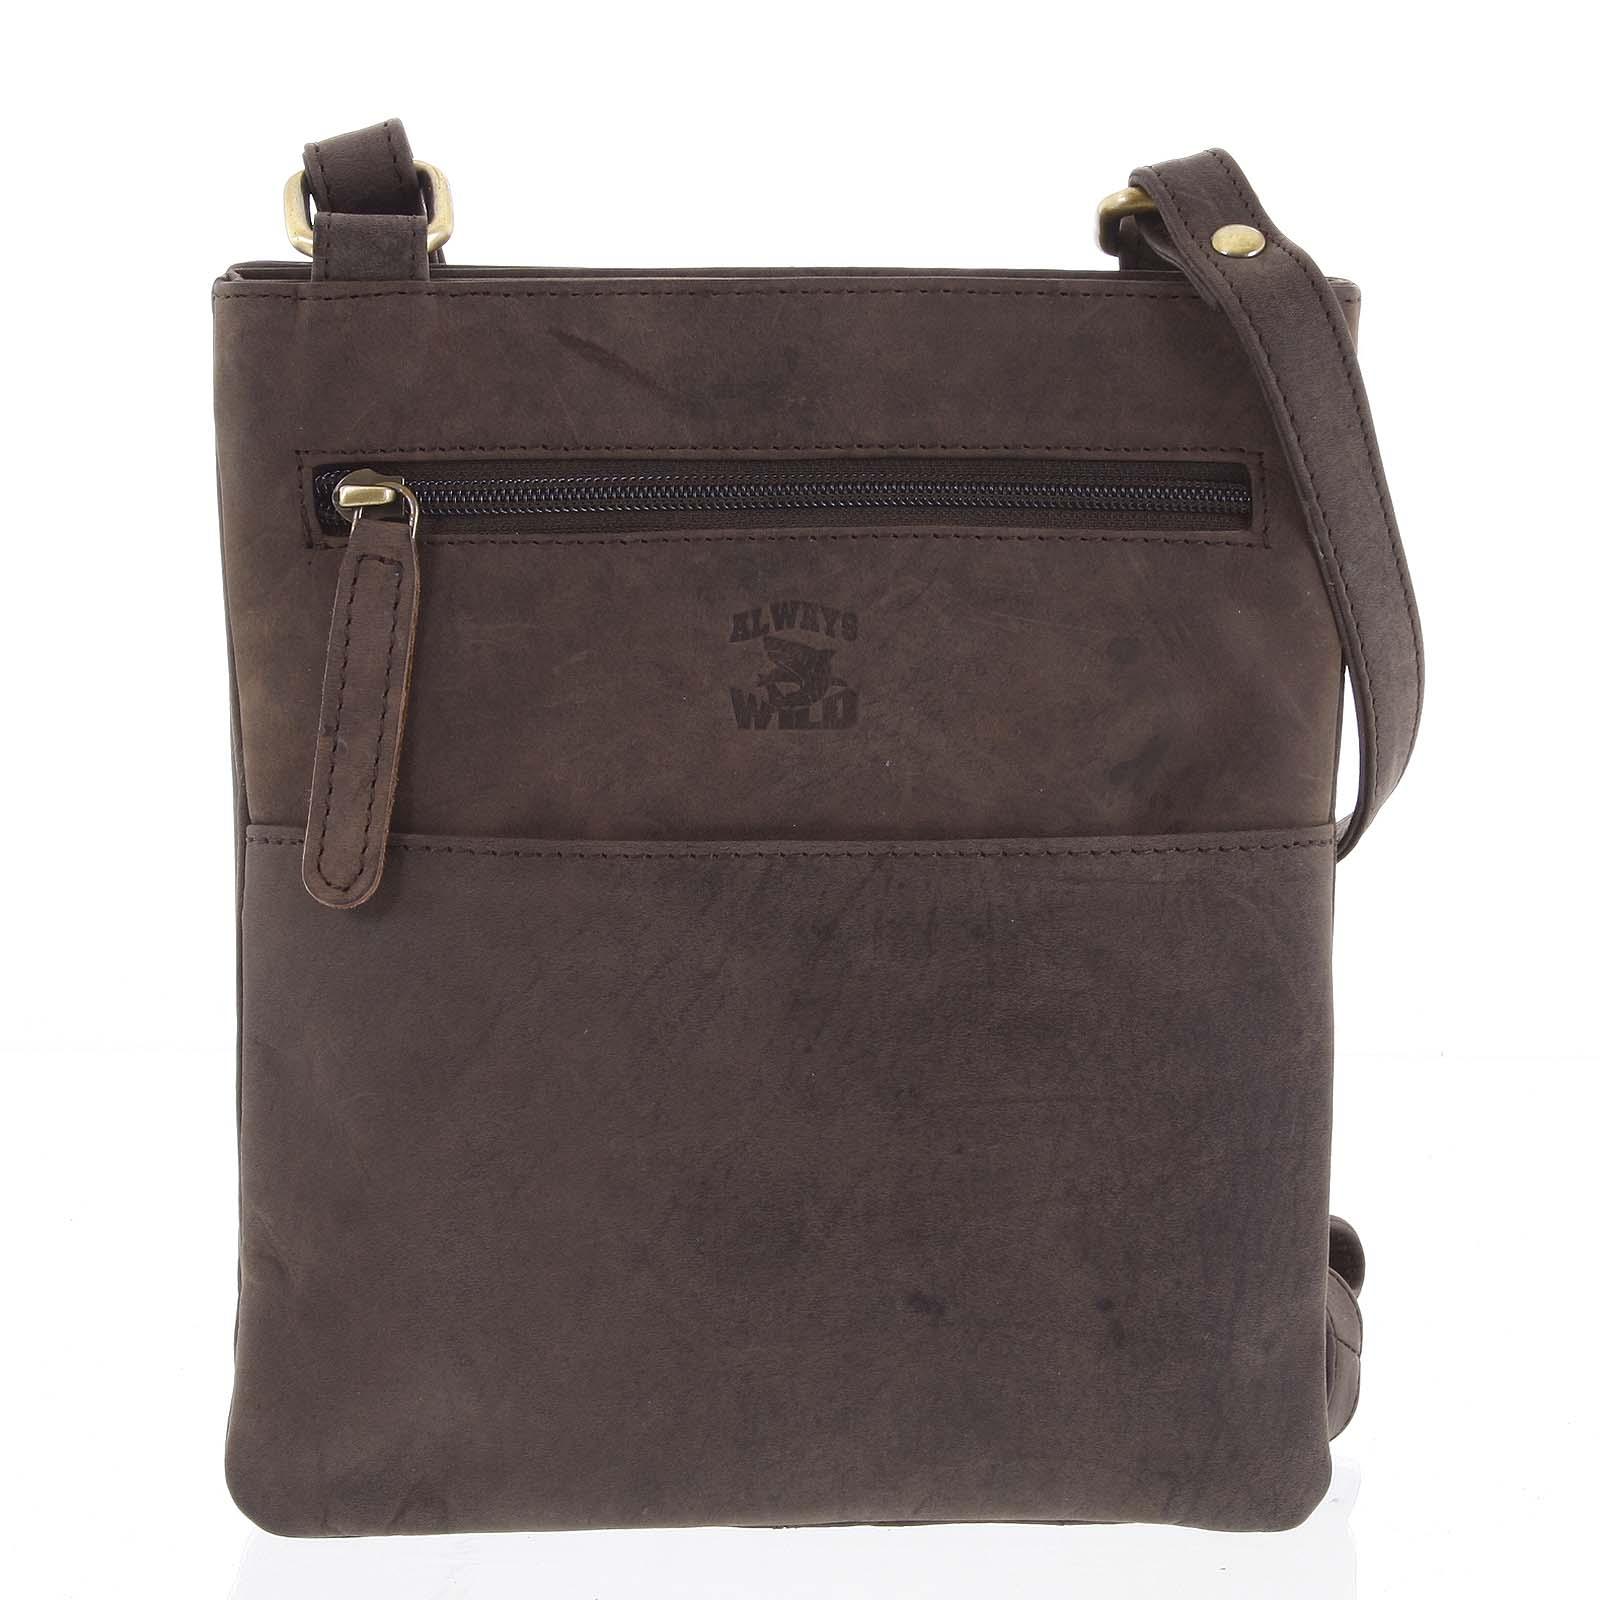 Pánská kožená crossbody taška tmavě hnědá - WILD Graison